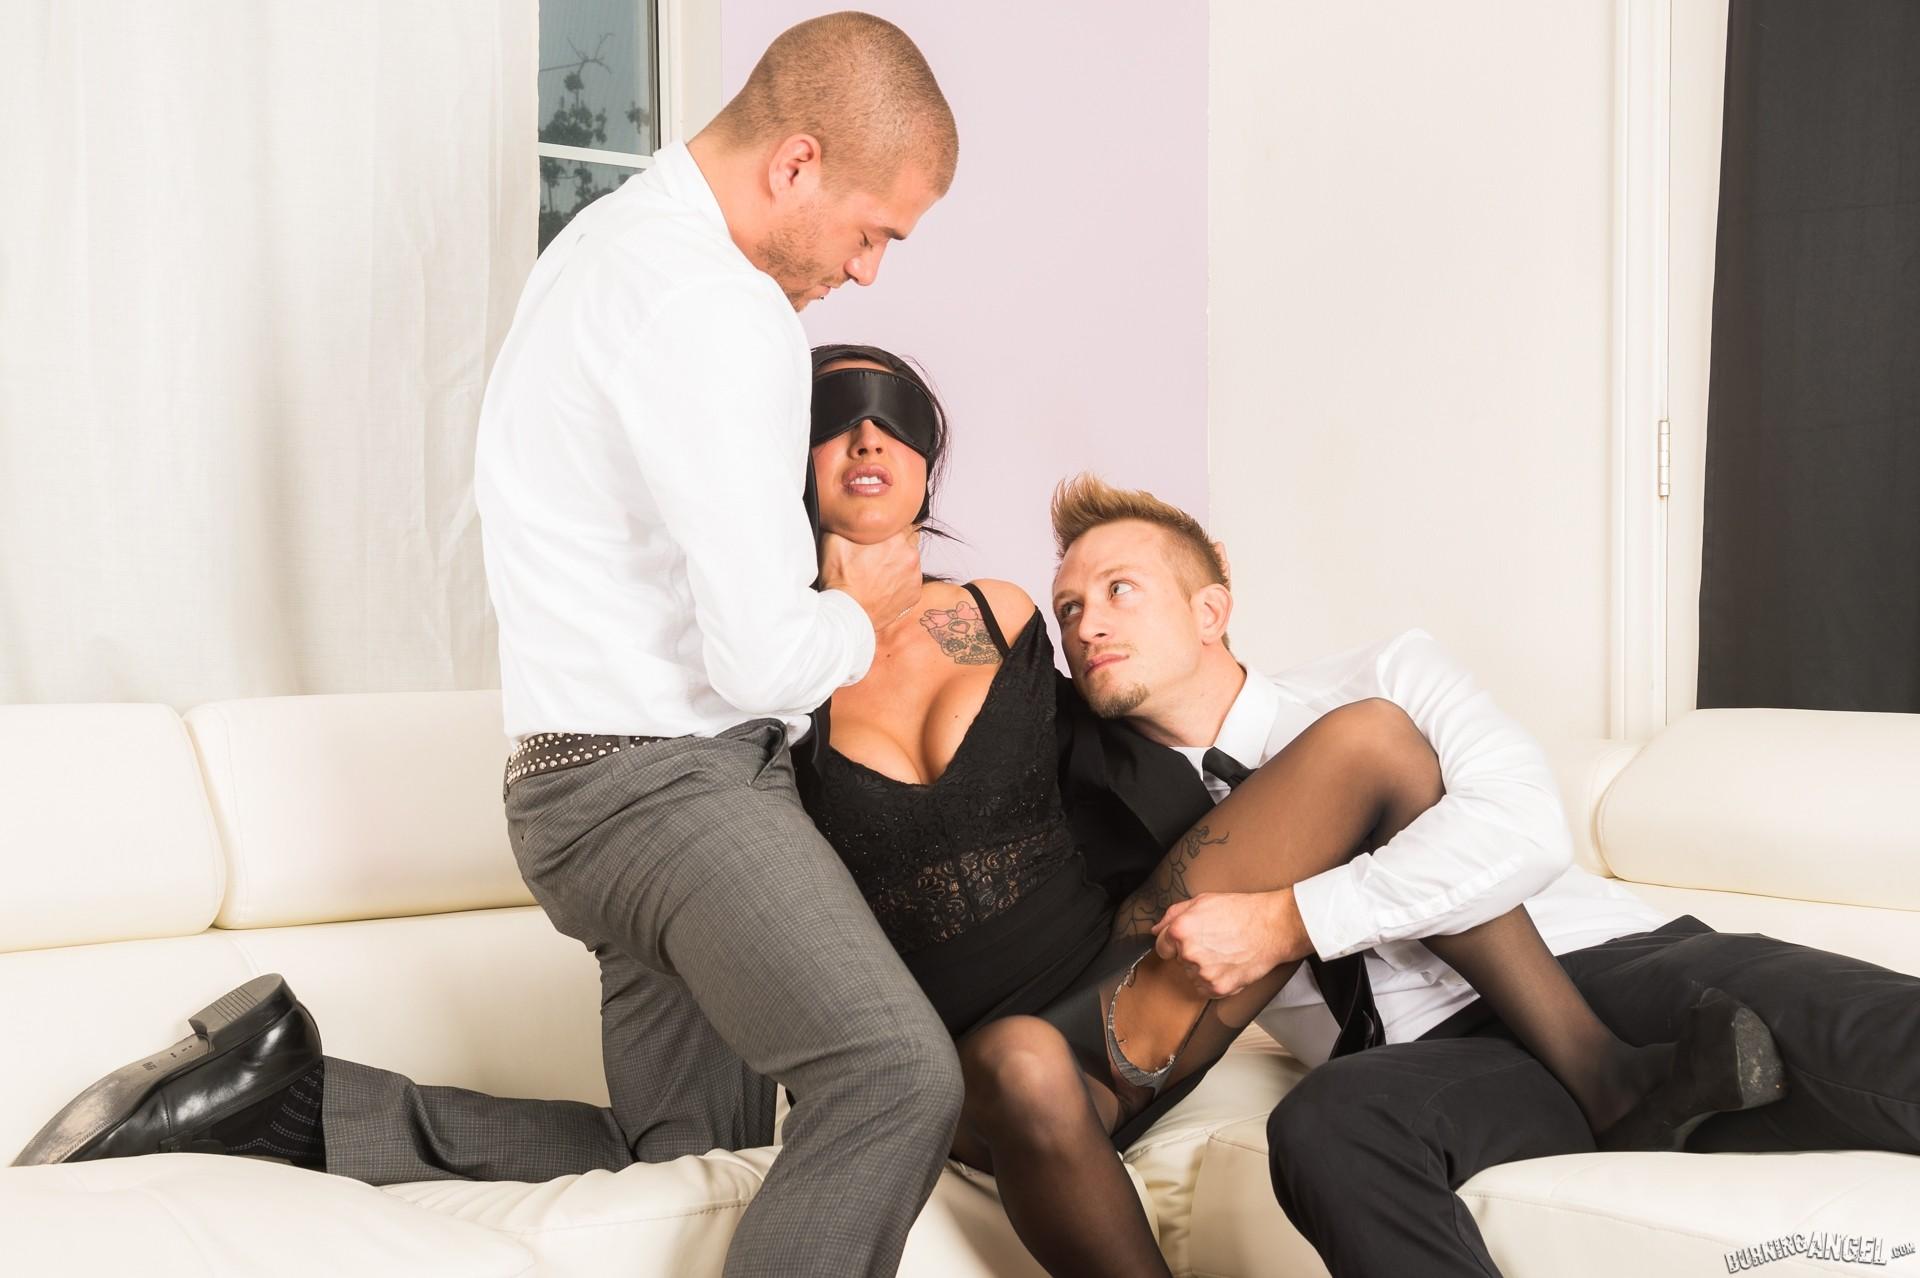 Porn Xander Corvus Big Tits Bill Bailey